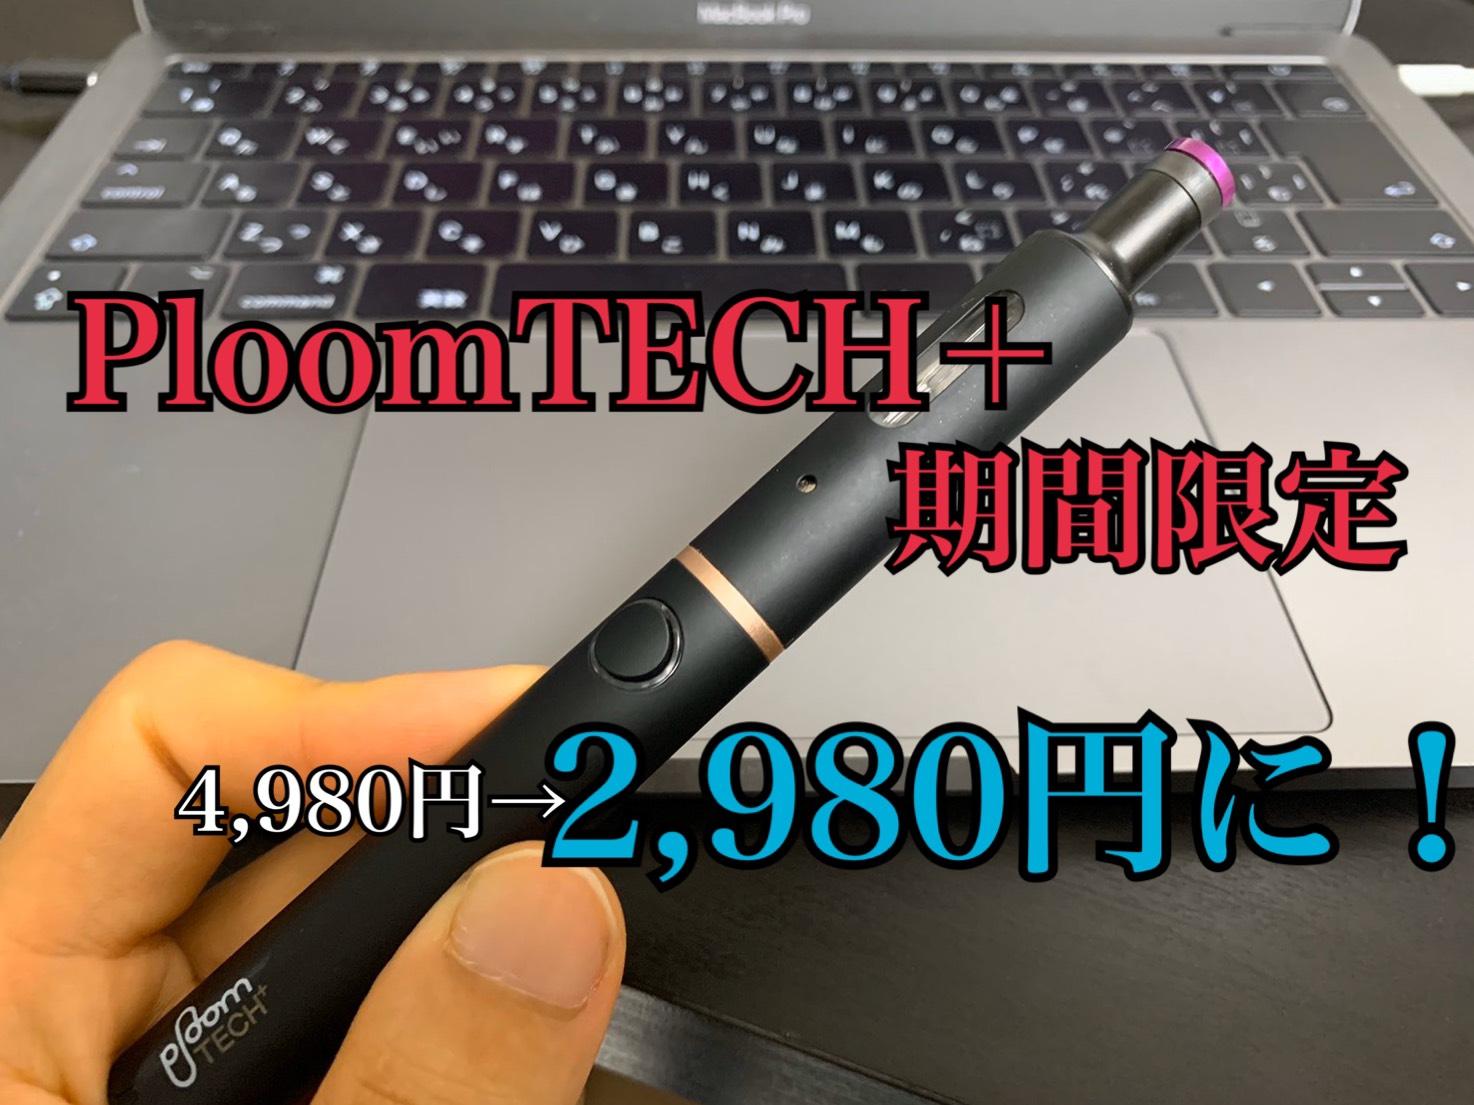 ploomtech+ plus-discount-12-2 eye catch